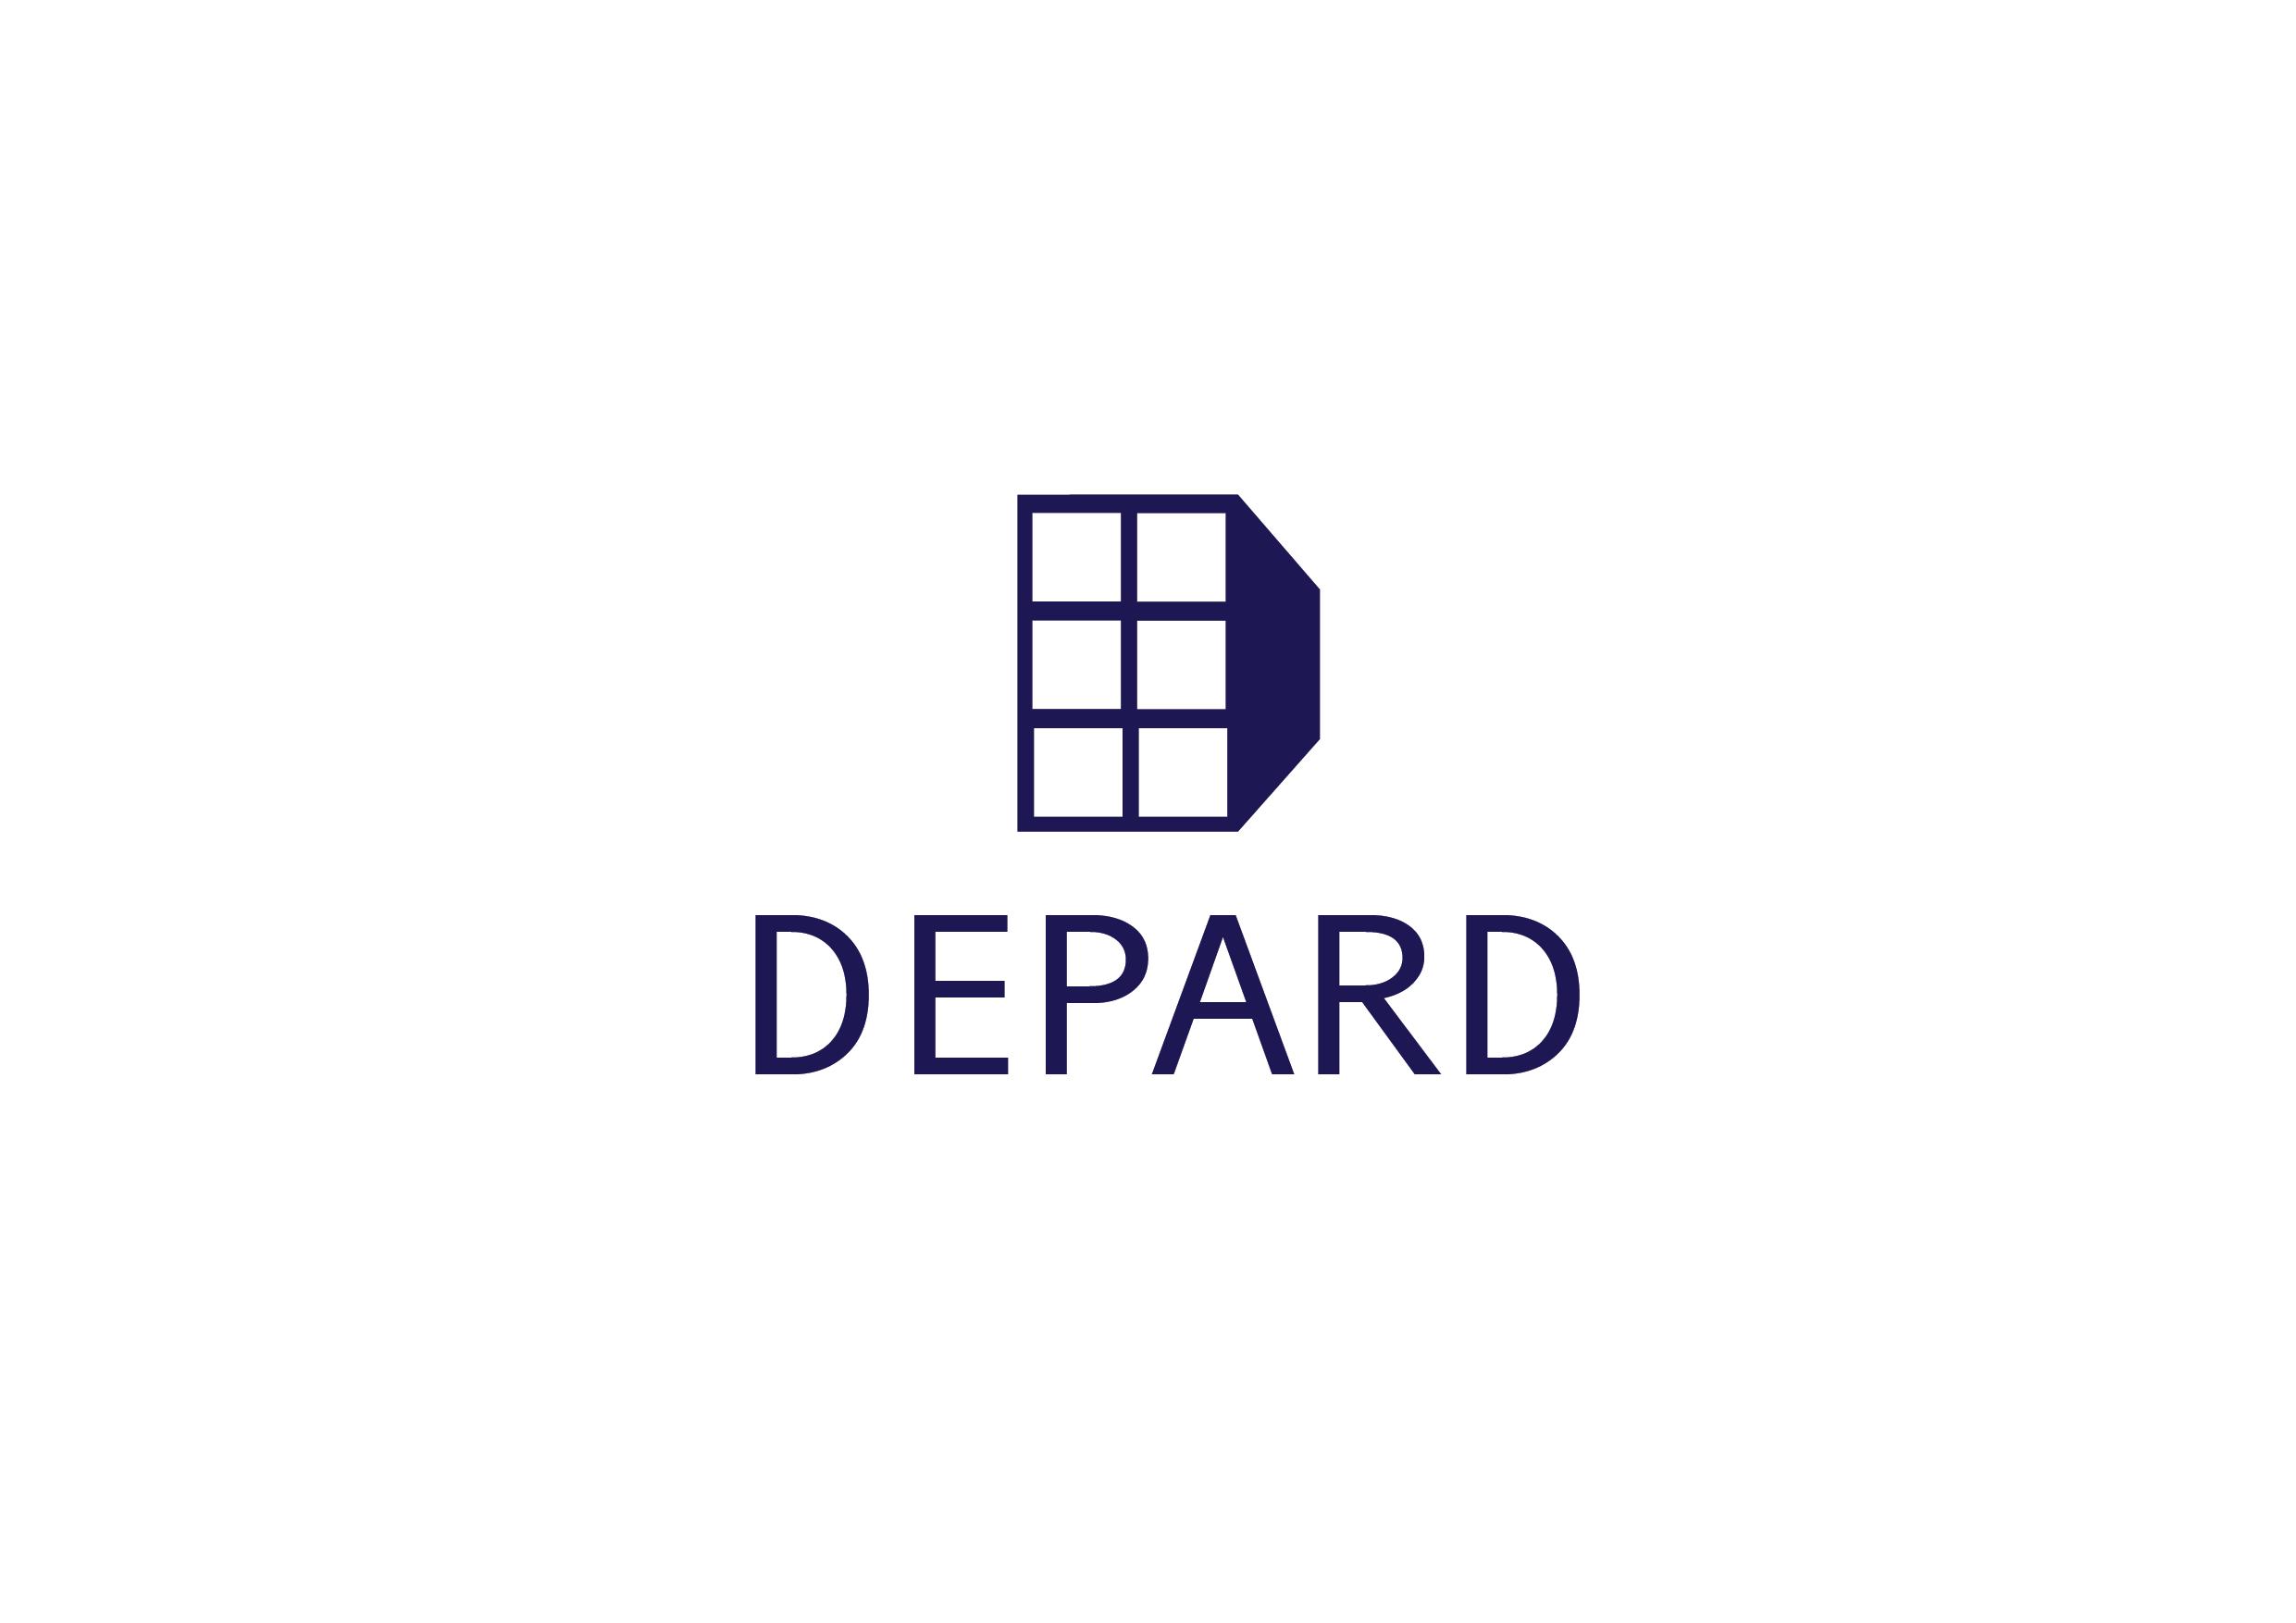 Логотип для компании (услуги недвижимость) фото f_173593098519ef53.png